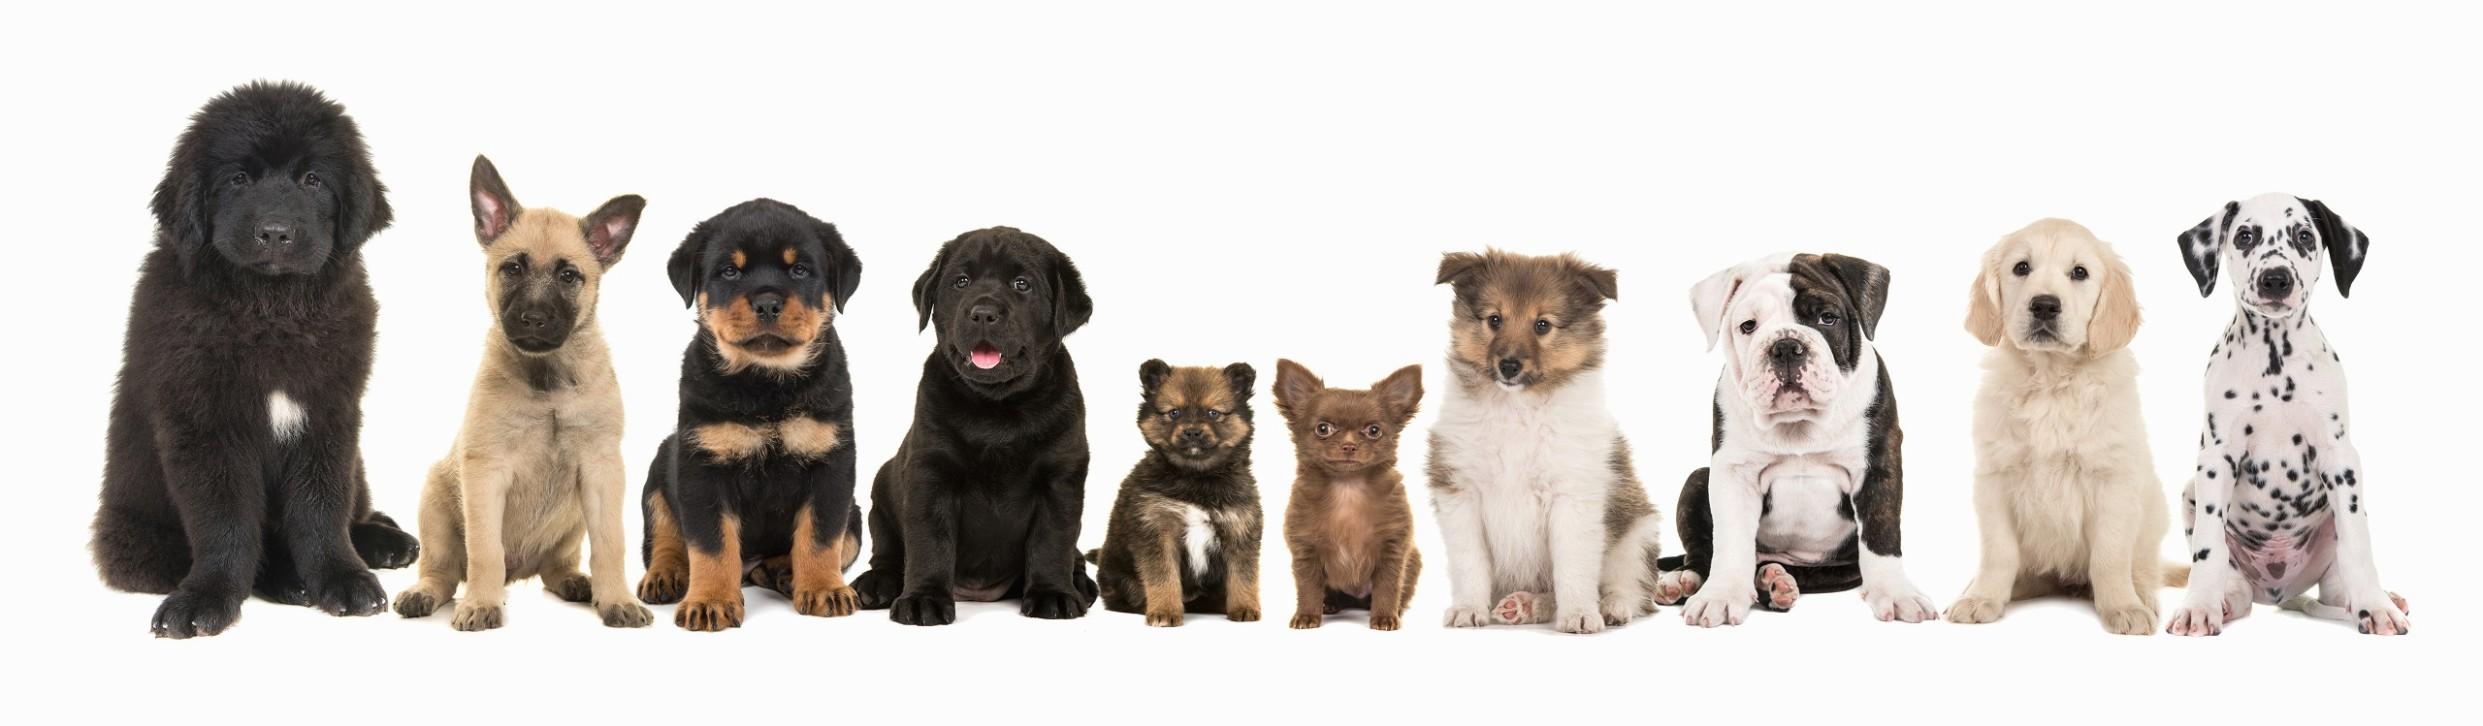 1517655557 Applying For A Supply Number Dog Breeders Register.jpg